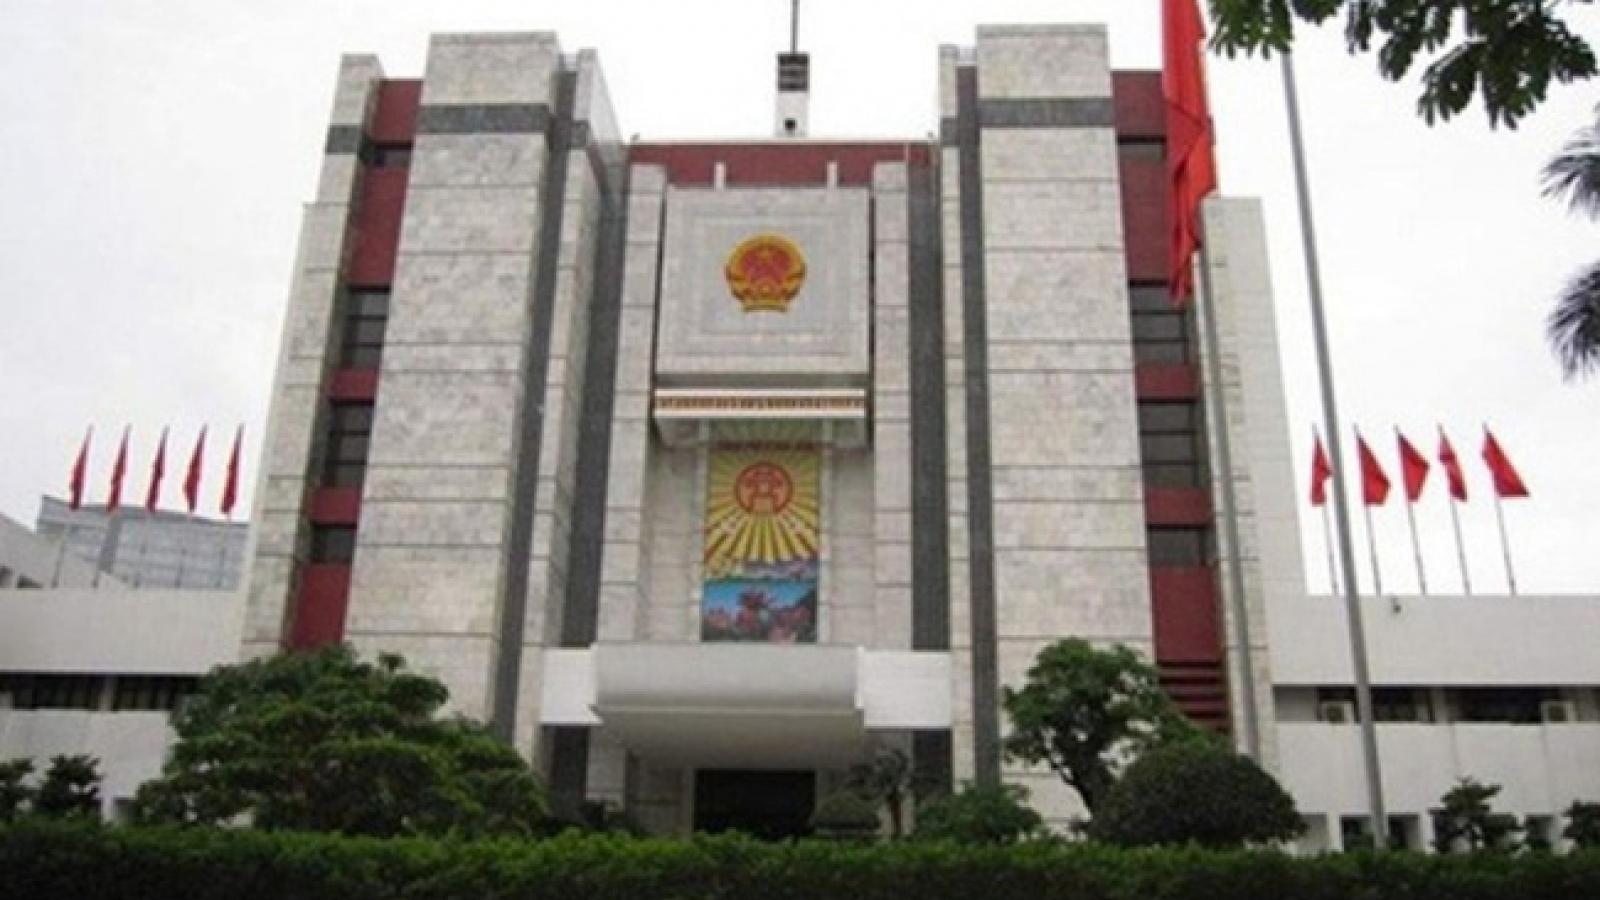 Kỷ luật, đề nghị kỷ luật tổ chức Đảng và nhiều cựu lãnh đạo TP. Hà Nội